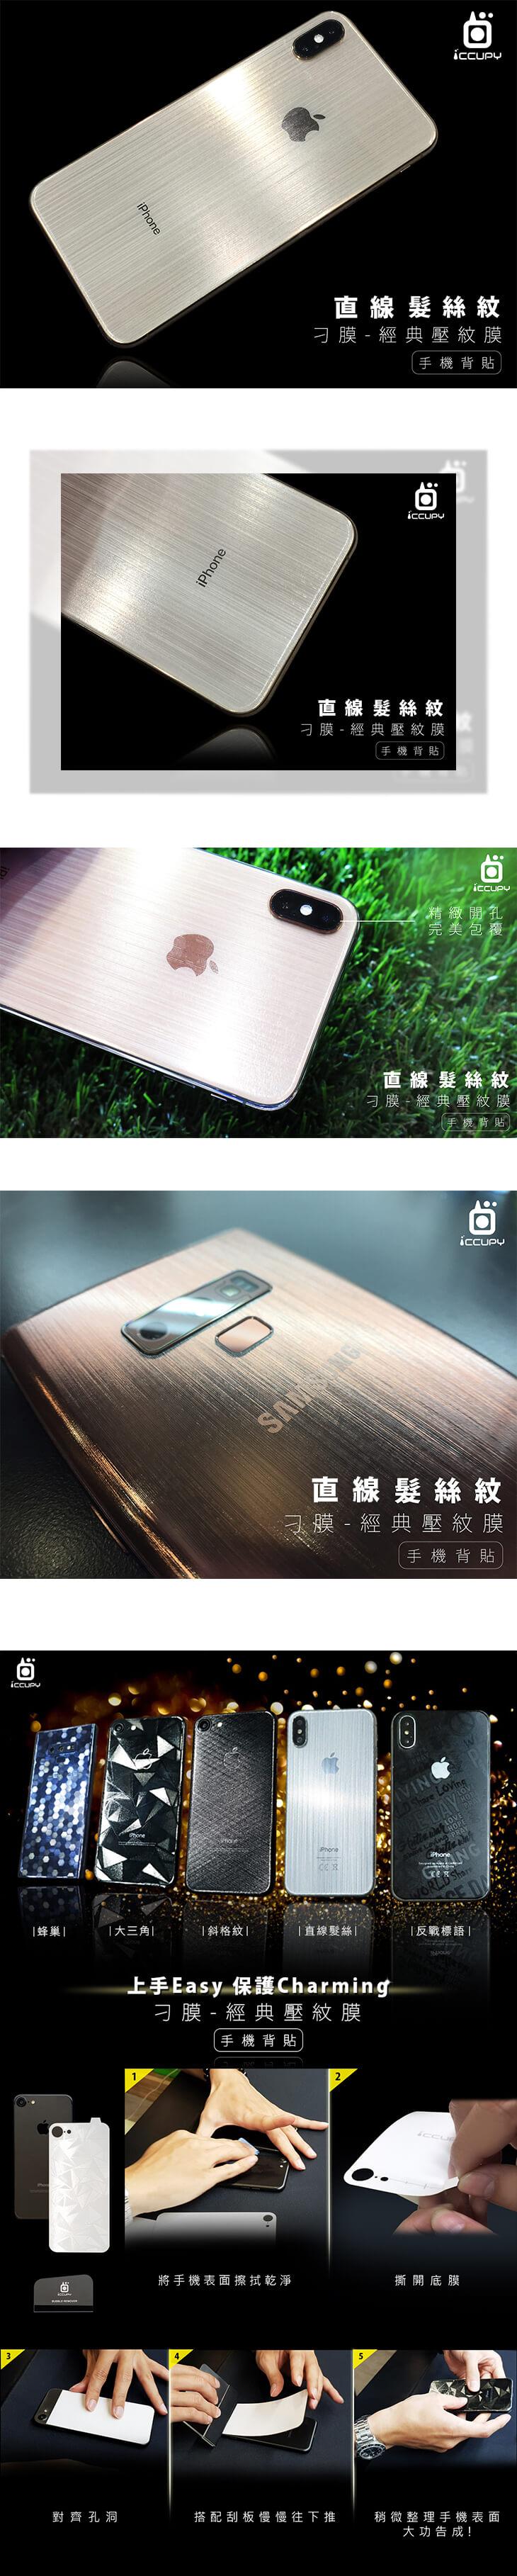 手機包膜-刁膜DiaoMore-經典壓紋膜背貼-直線髮絲